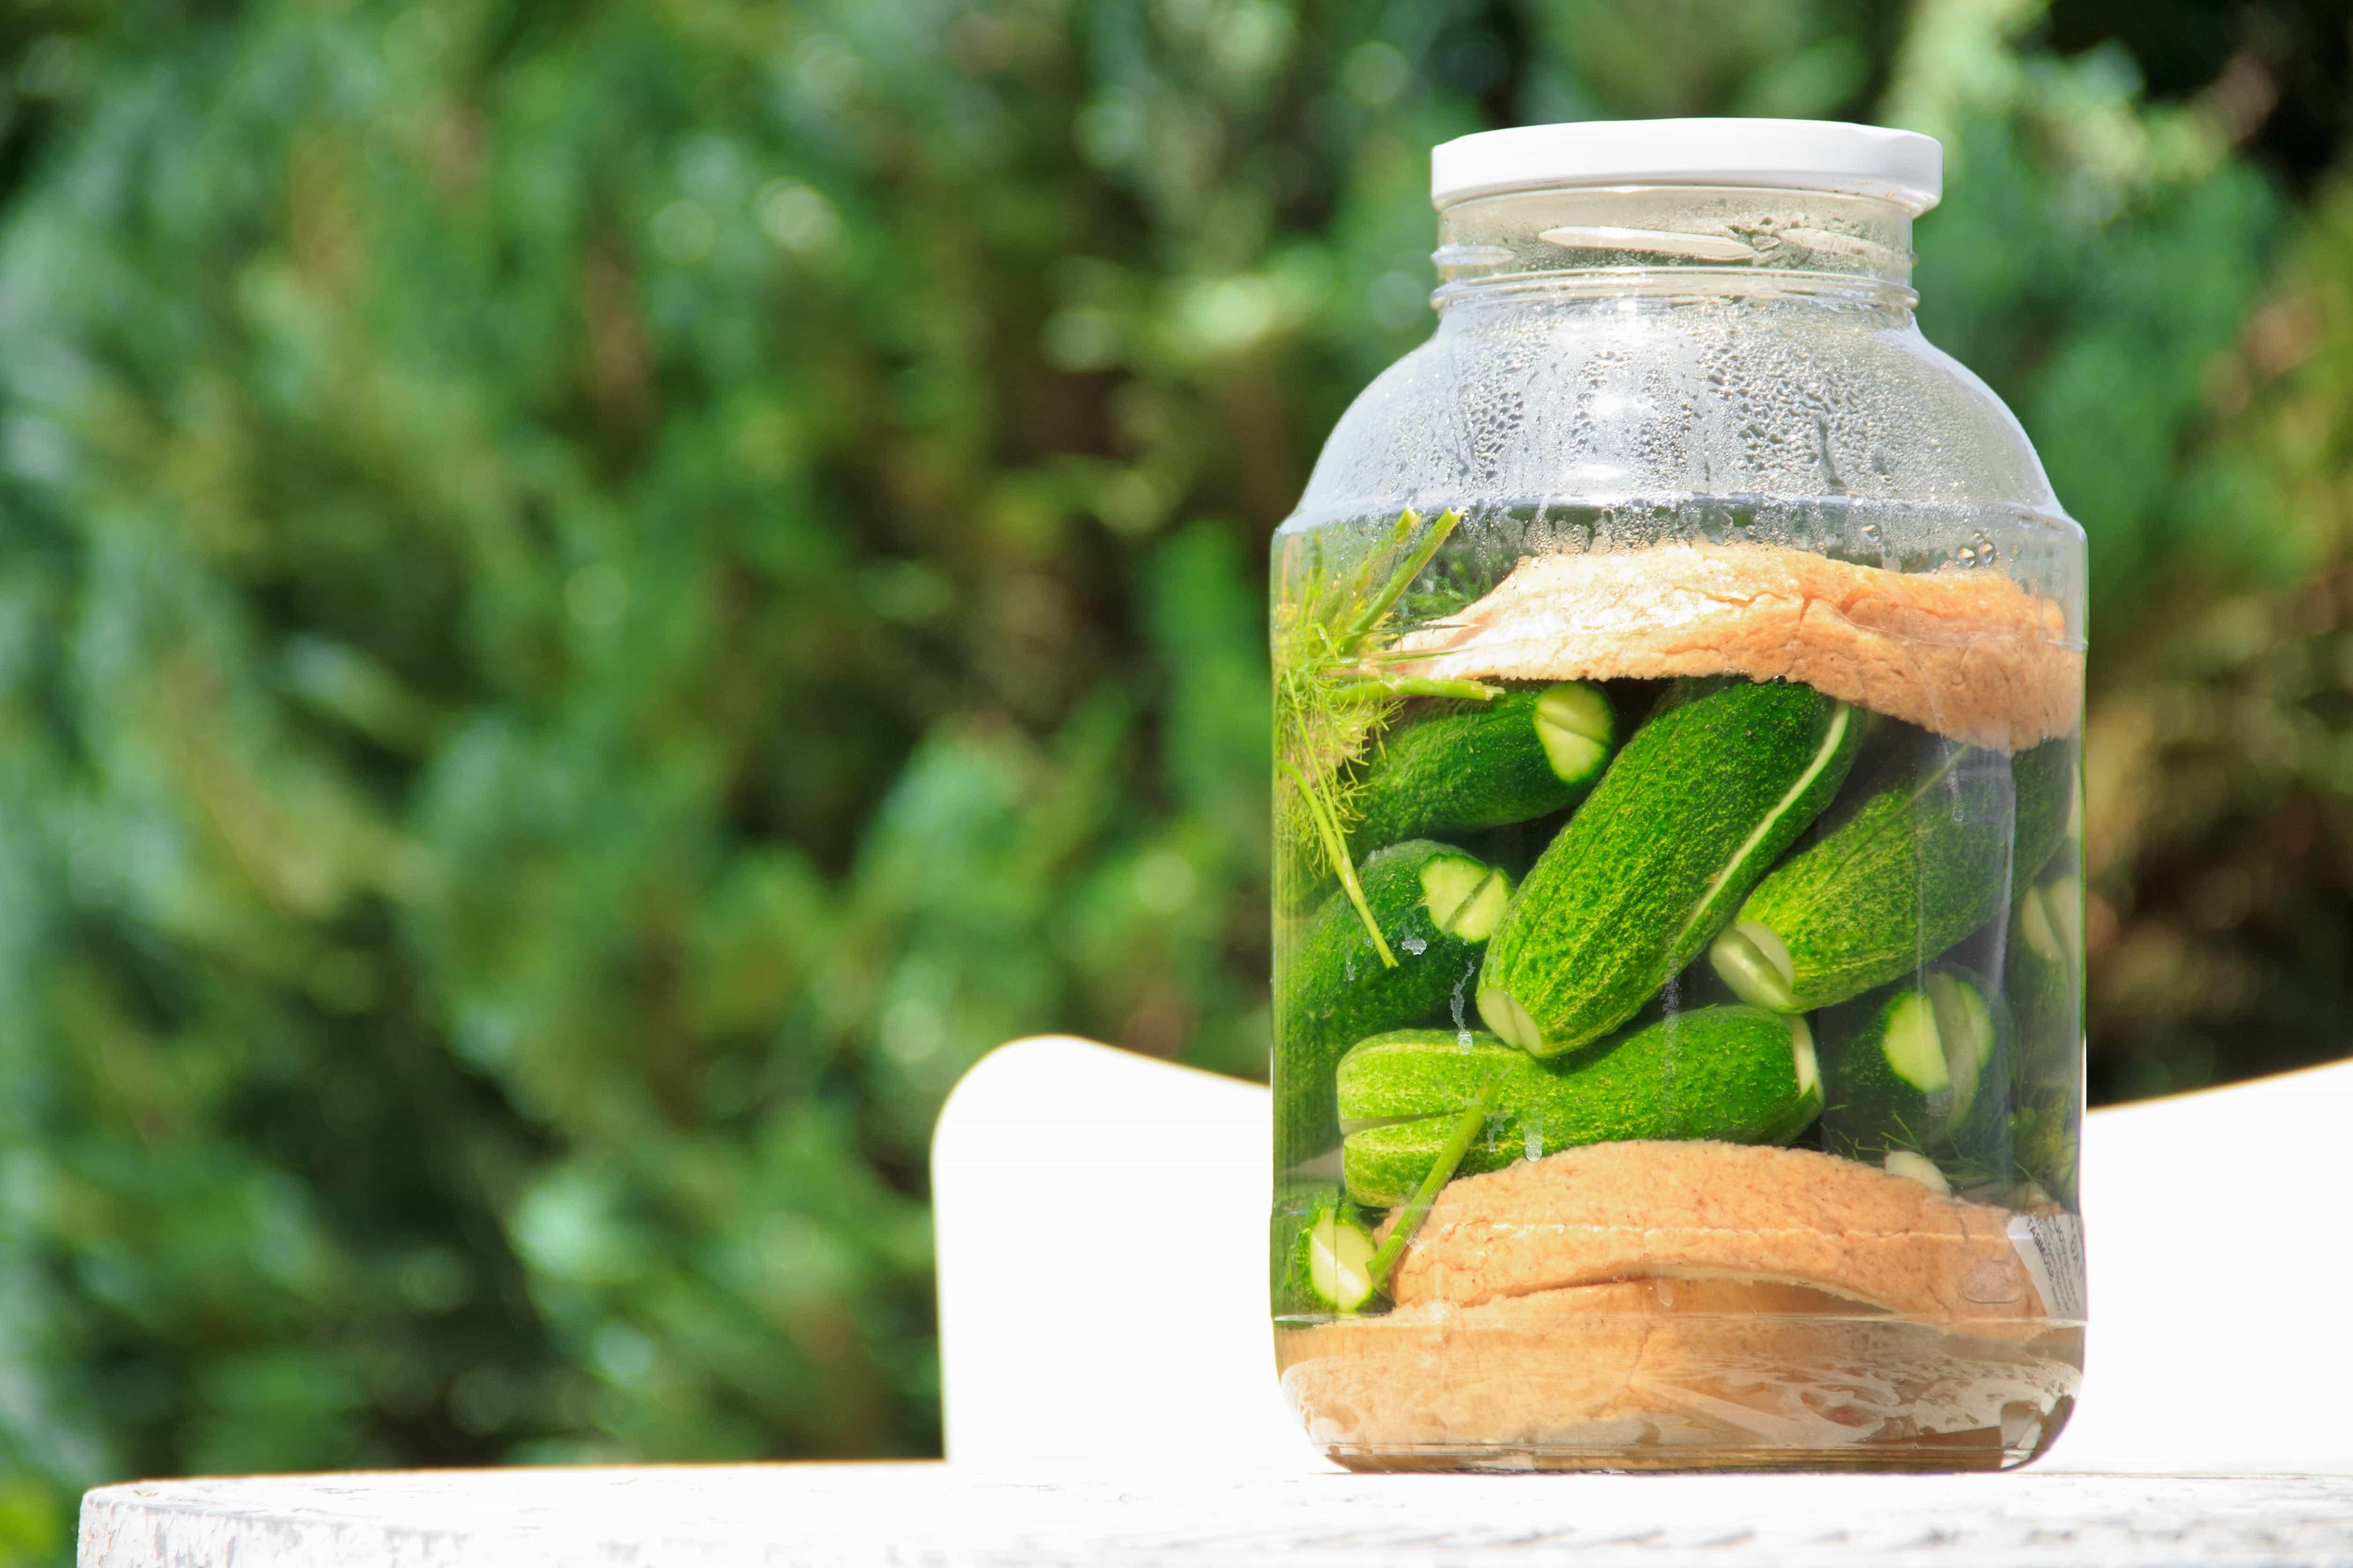 Gratis Billede Salat Agurk Sur Natur Fødevarer Organisk